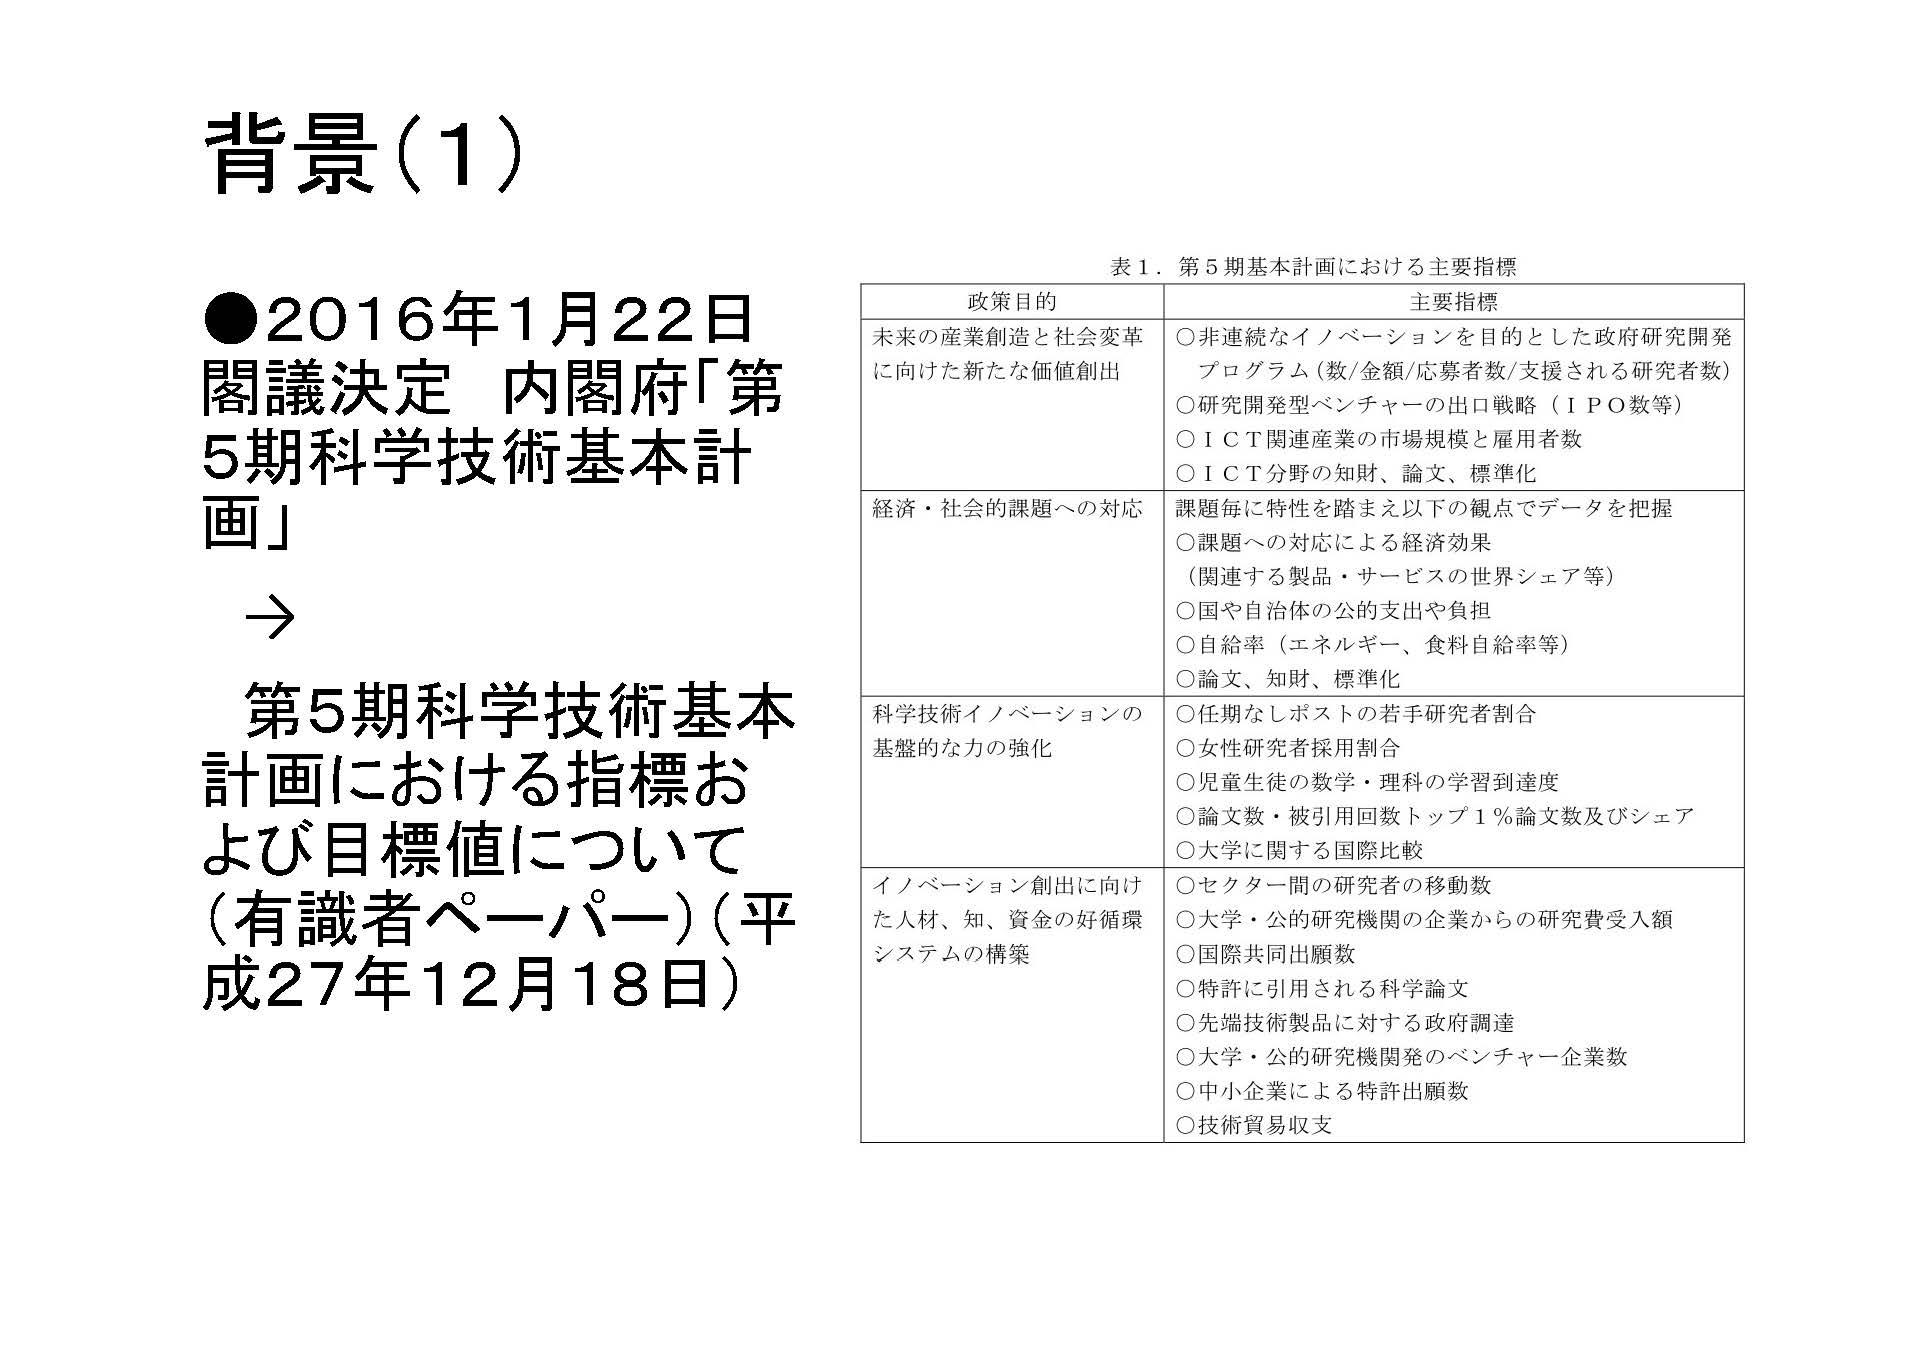 小泉氏講演資料1